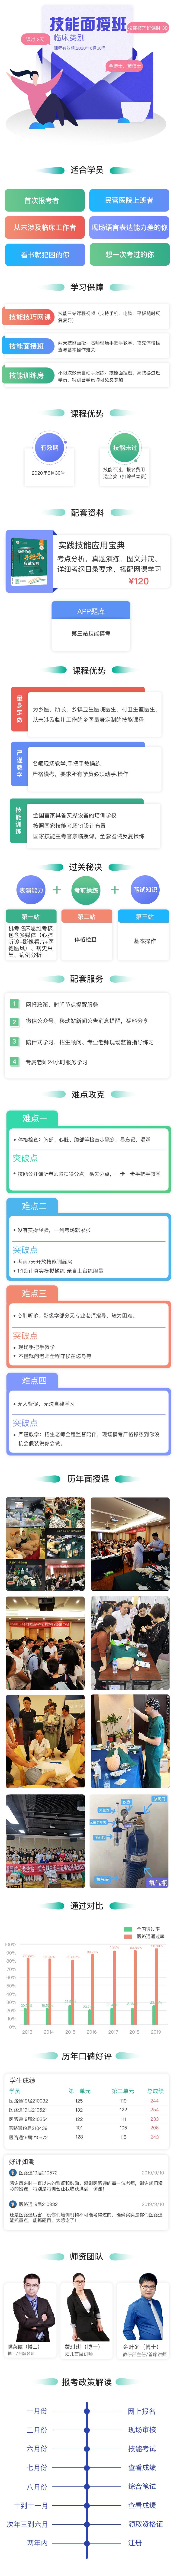 2020年临床类别技能面授班课程详情副本.png